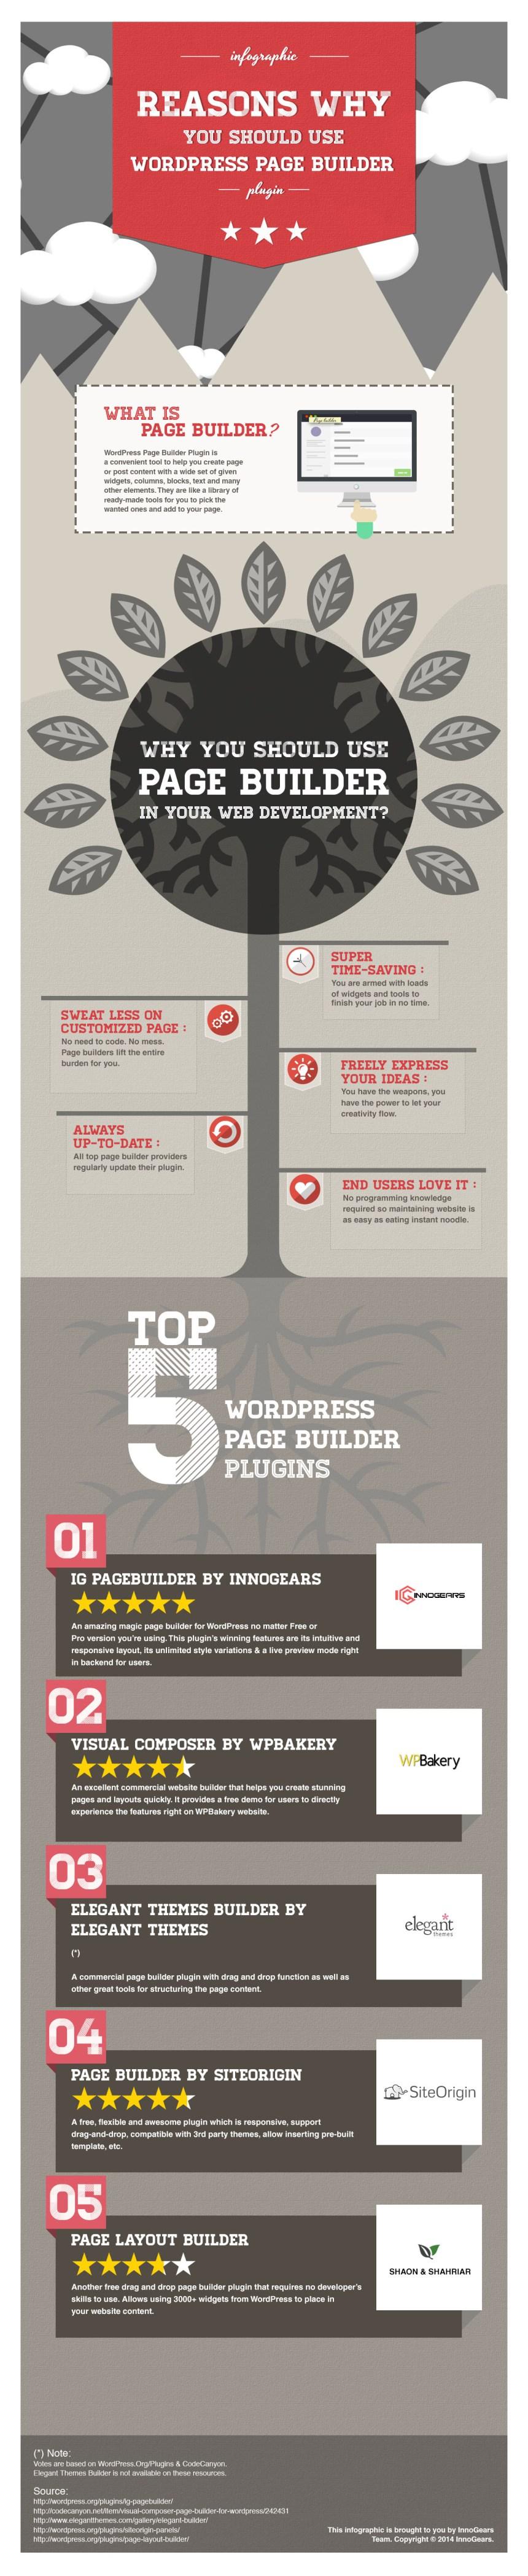 Razones por las que usar WordPress Page Builder